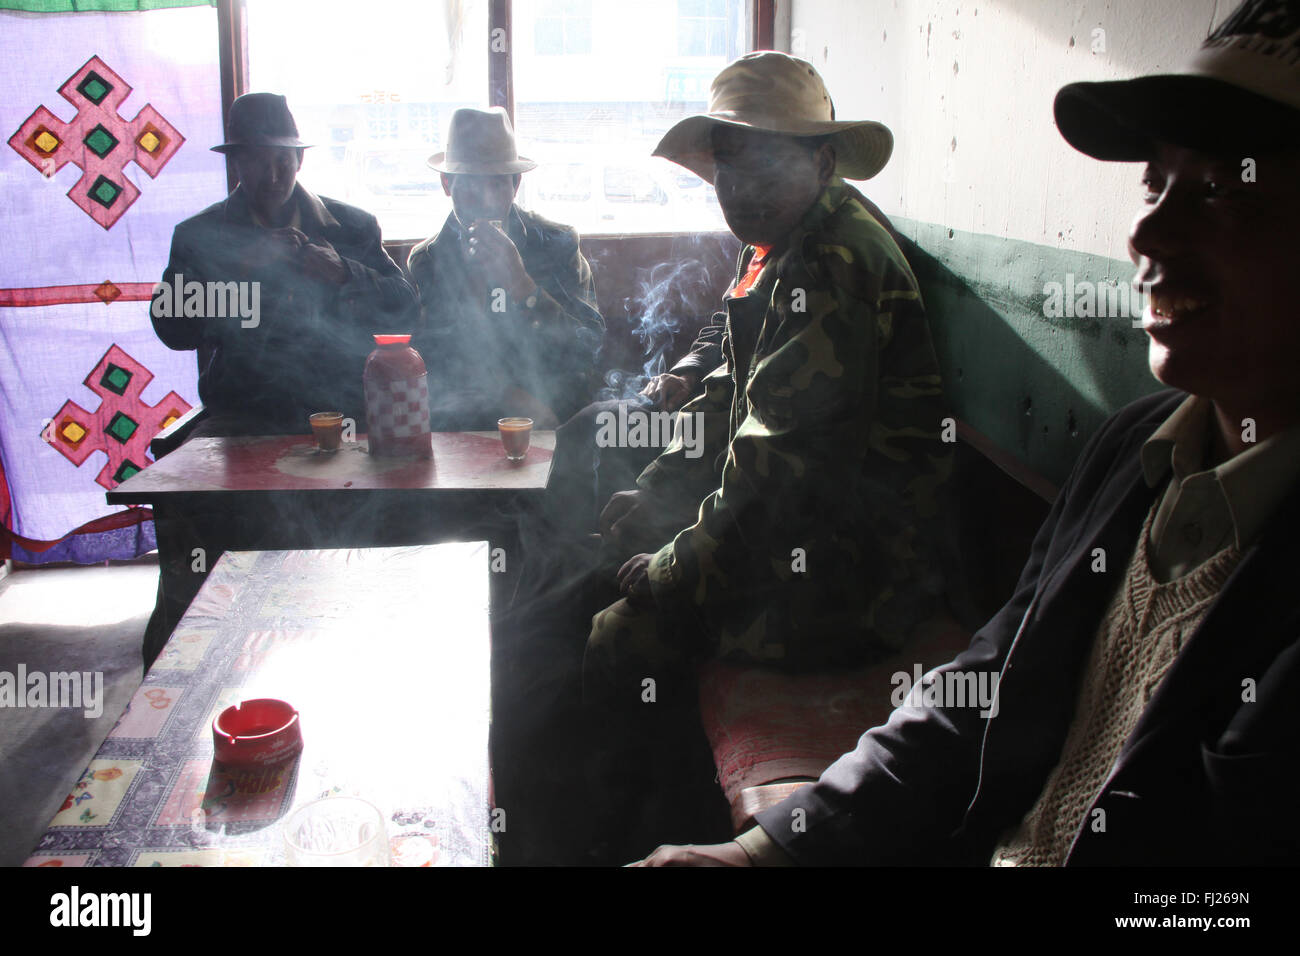 Männer, die Rauchen und Hintergrundbeleuchtung im Café in Tibet Stockbild